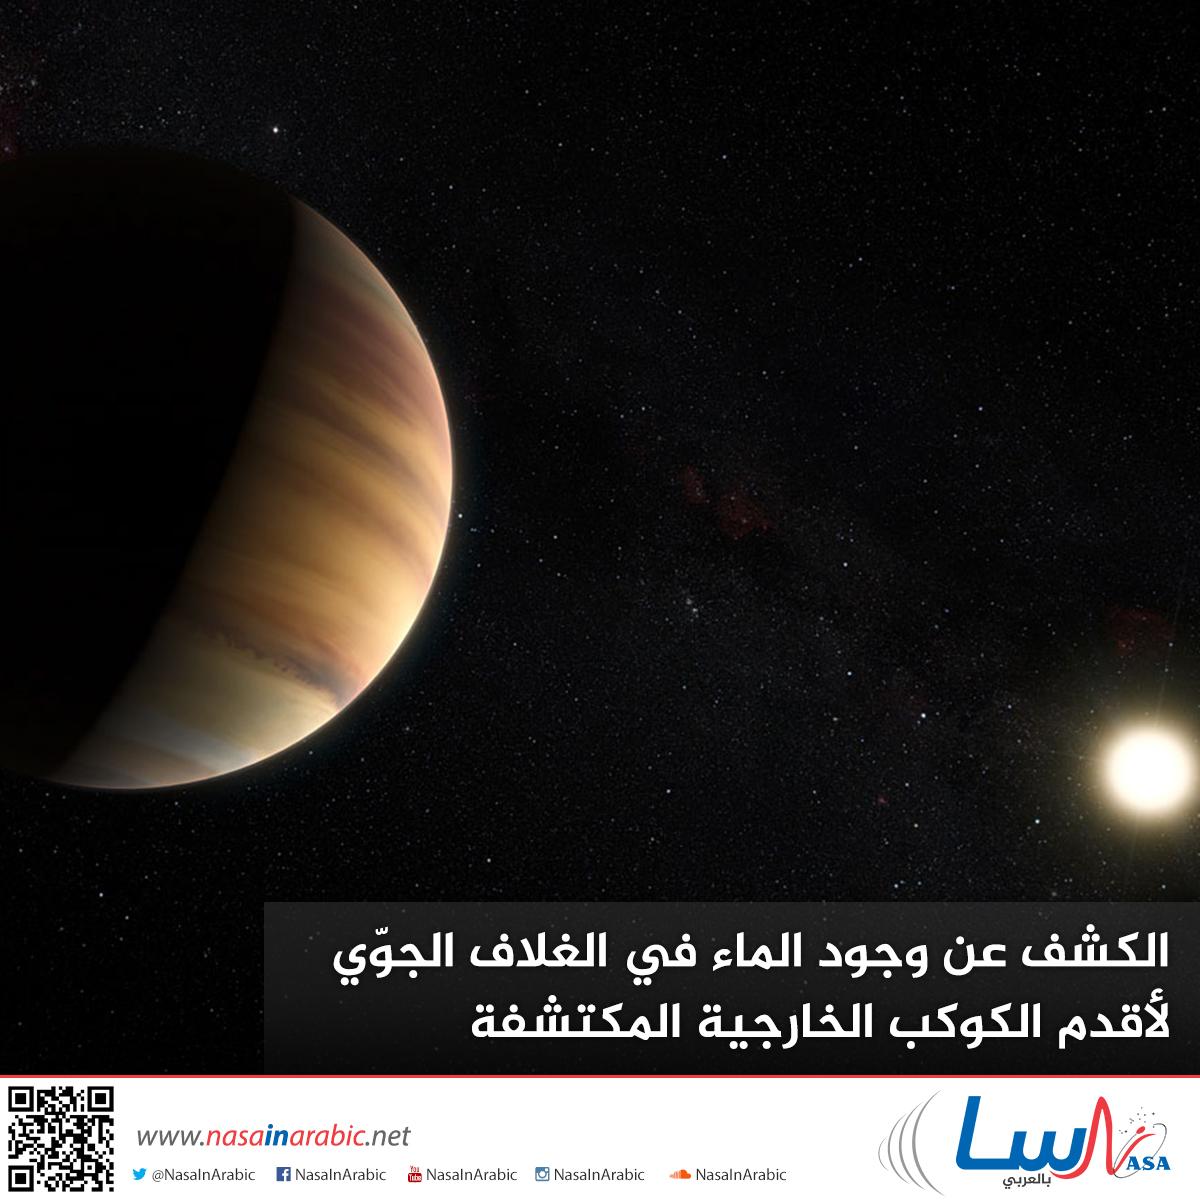 الكشف عن وجود الماء في الغلاف الجوي لأقدم الكواكب الخارجية المكتشفة